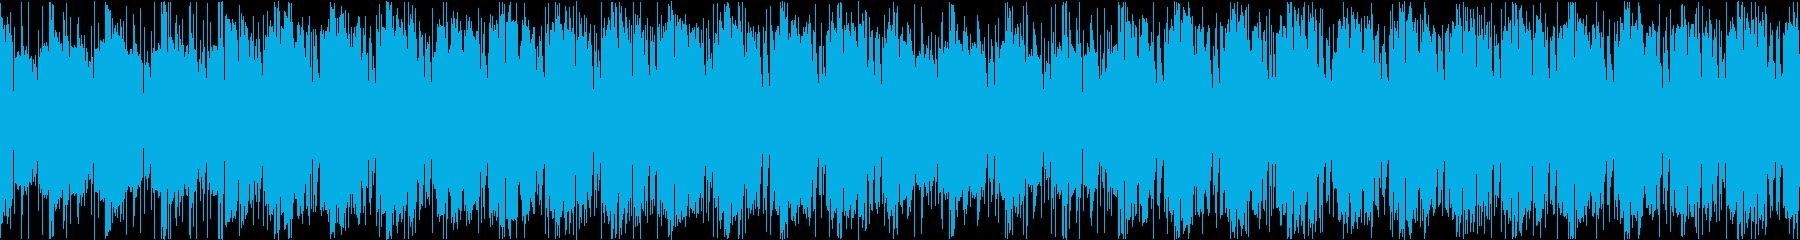 フルートとパーカッションのコミカルサンバの再生済みの波形